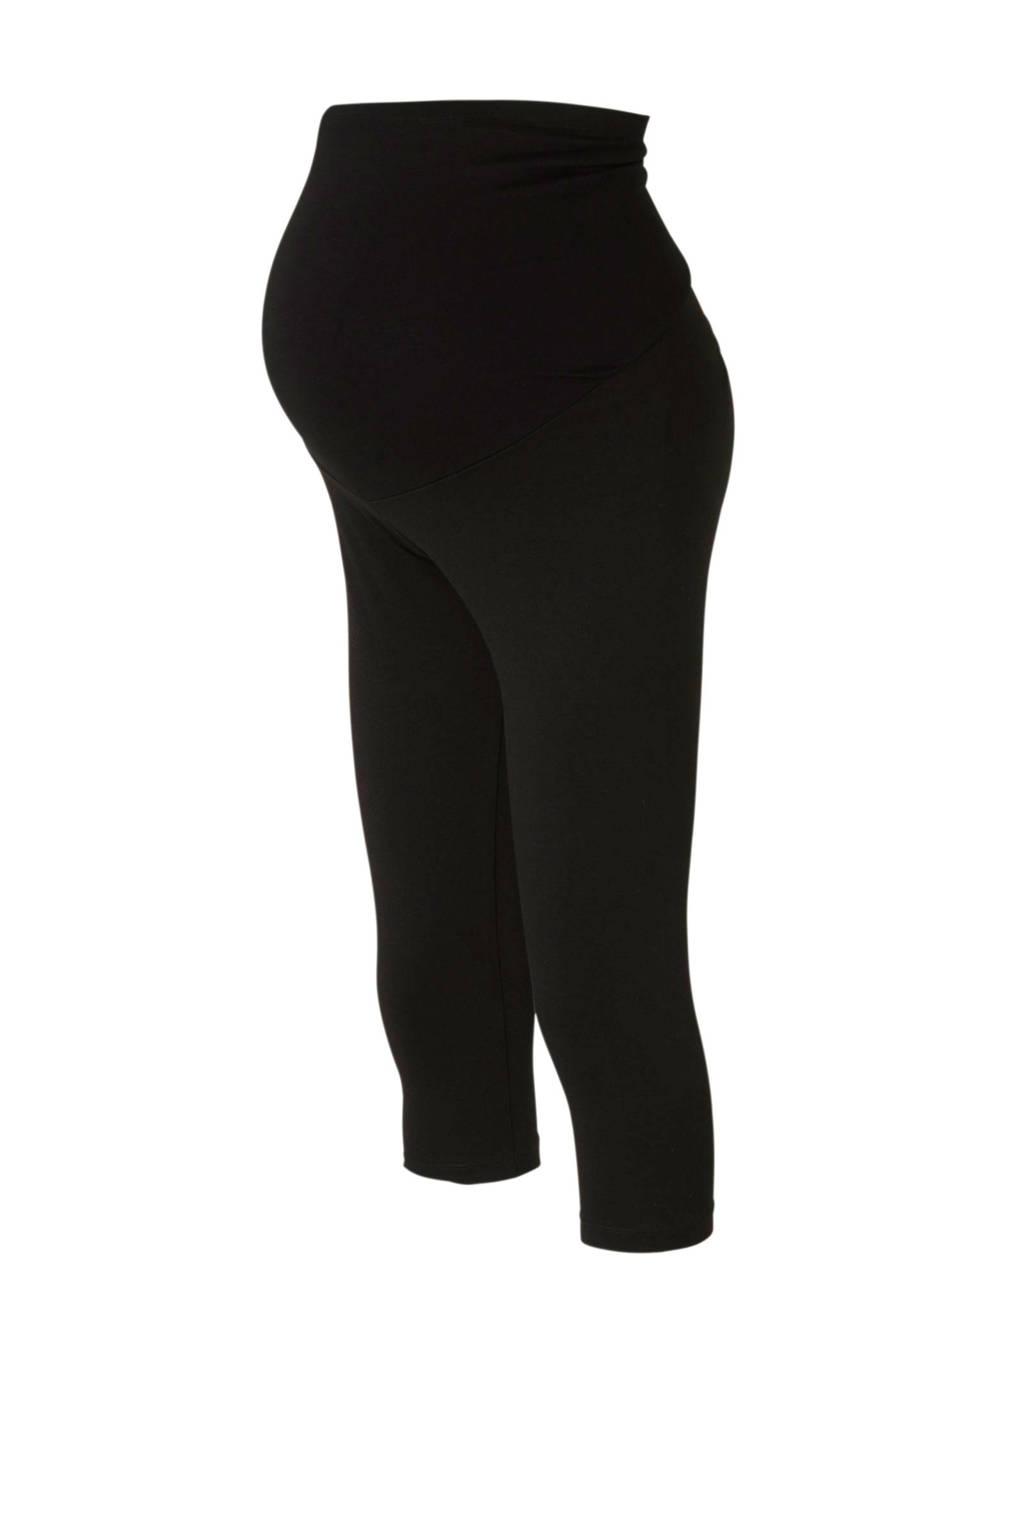 C&A Yessica zwangerschaps capri legging zwart, Zwart